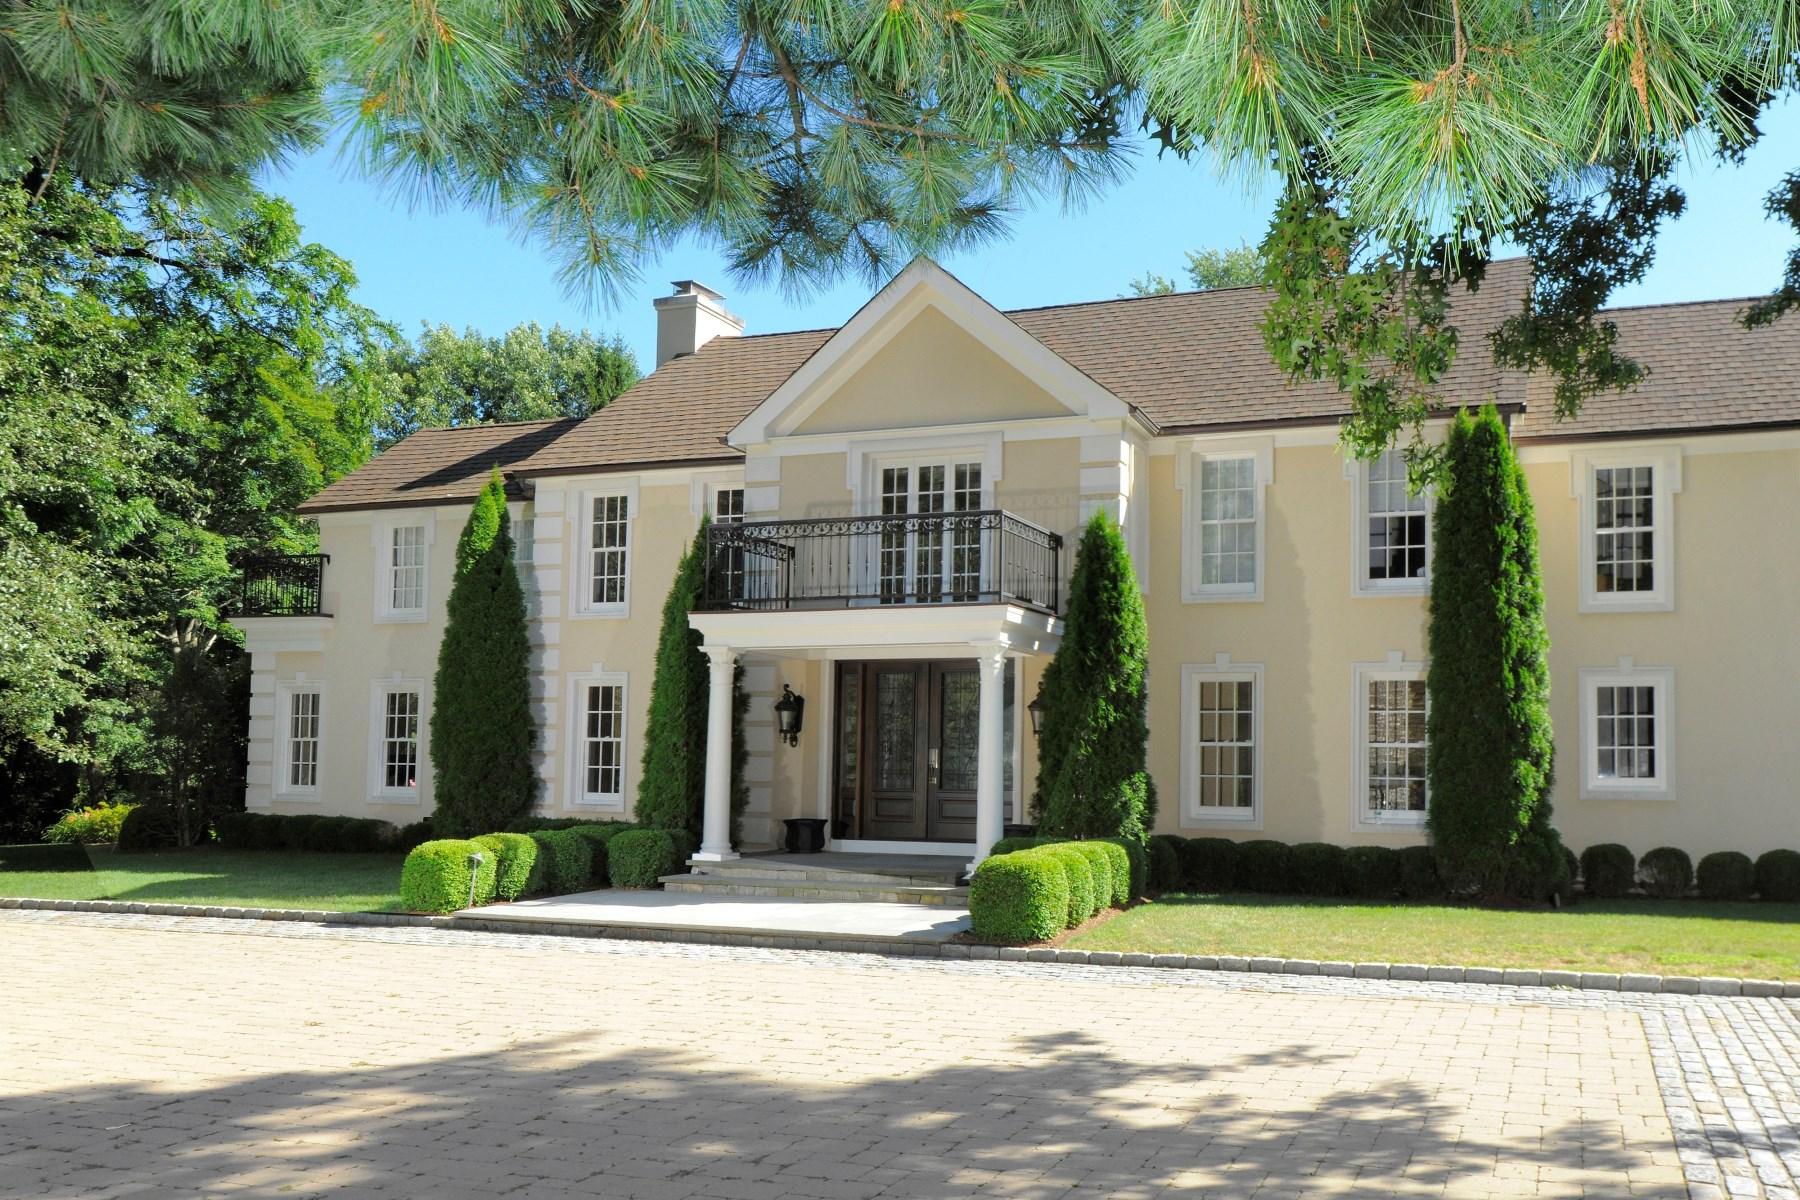 Property For Sale at Elegant Rental